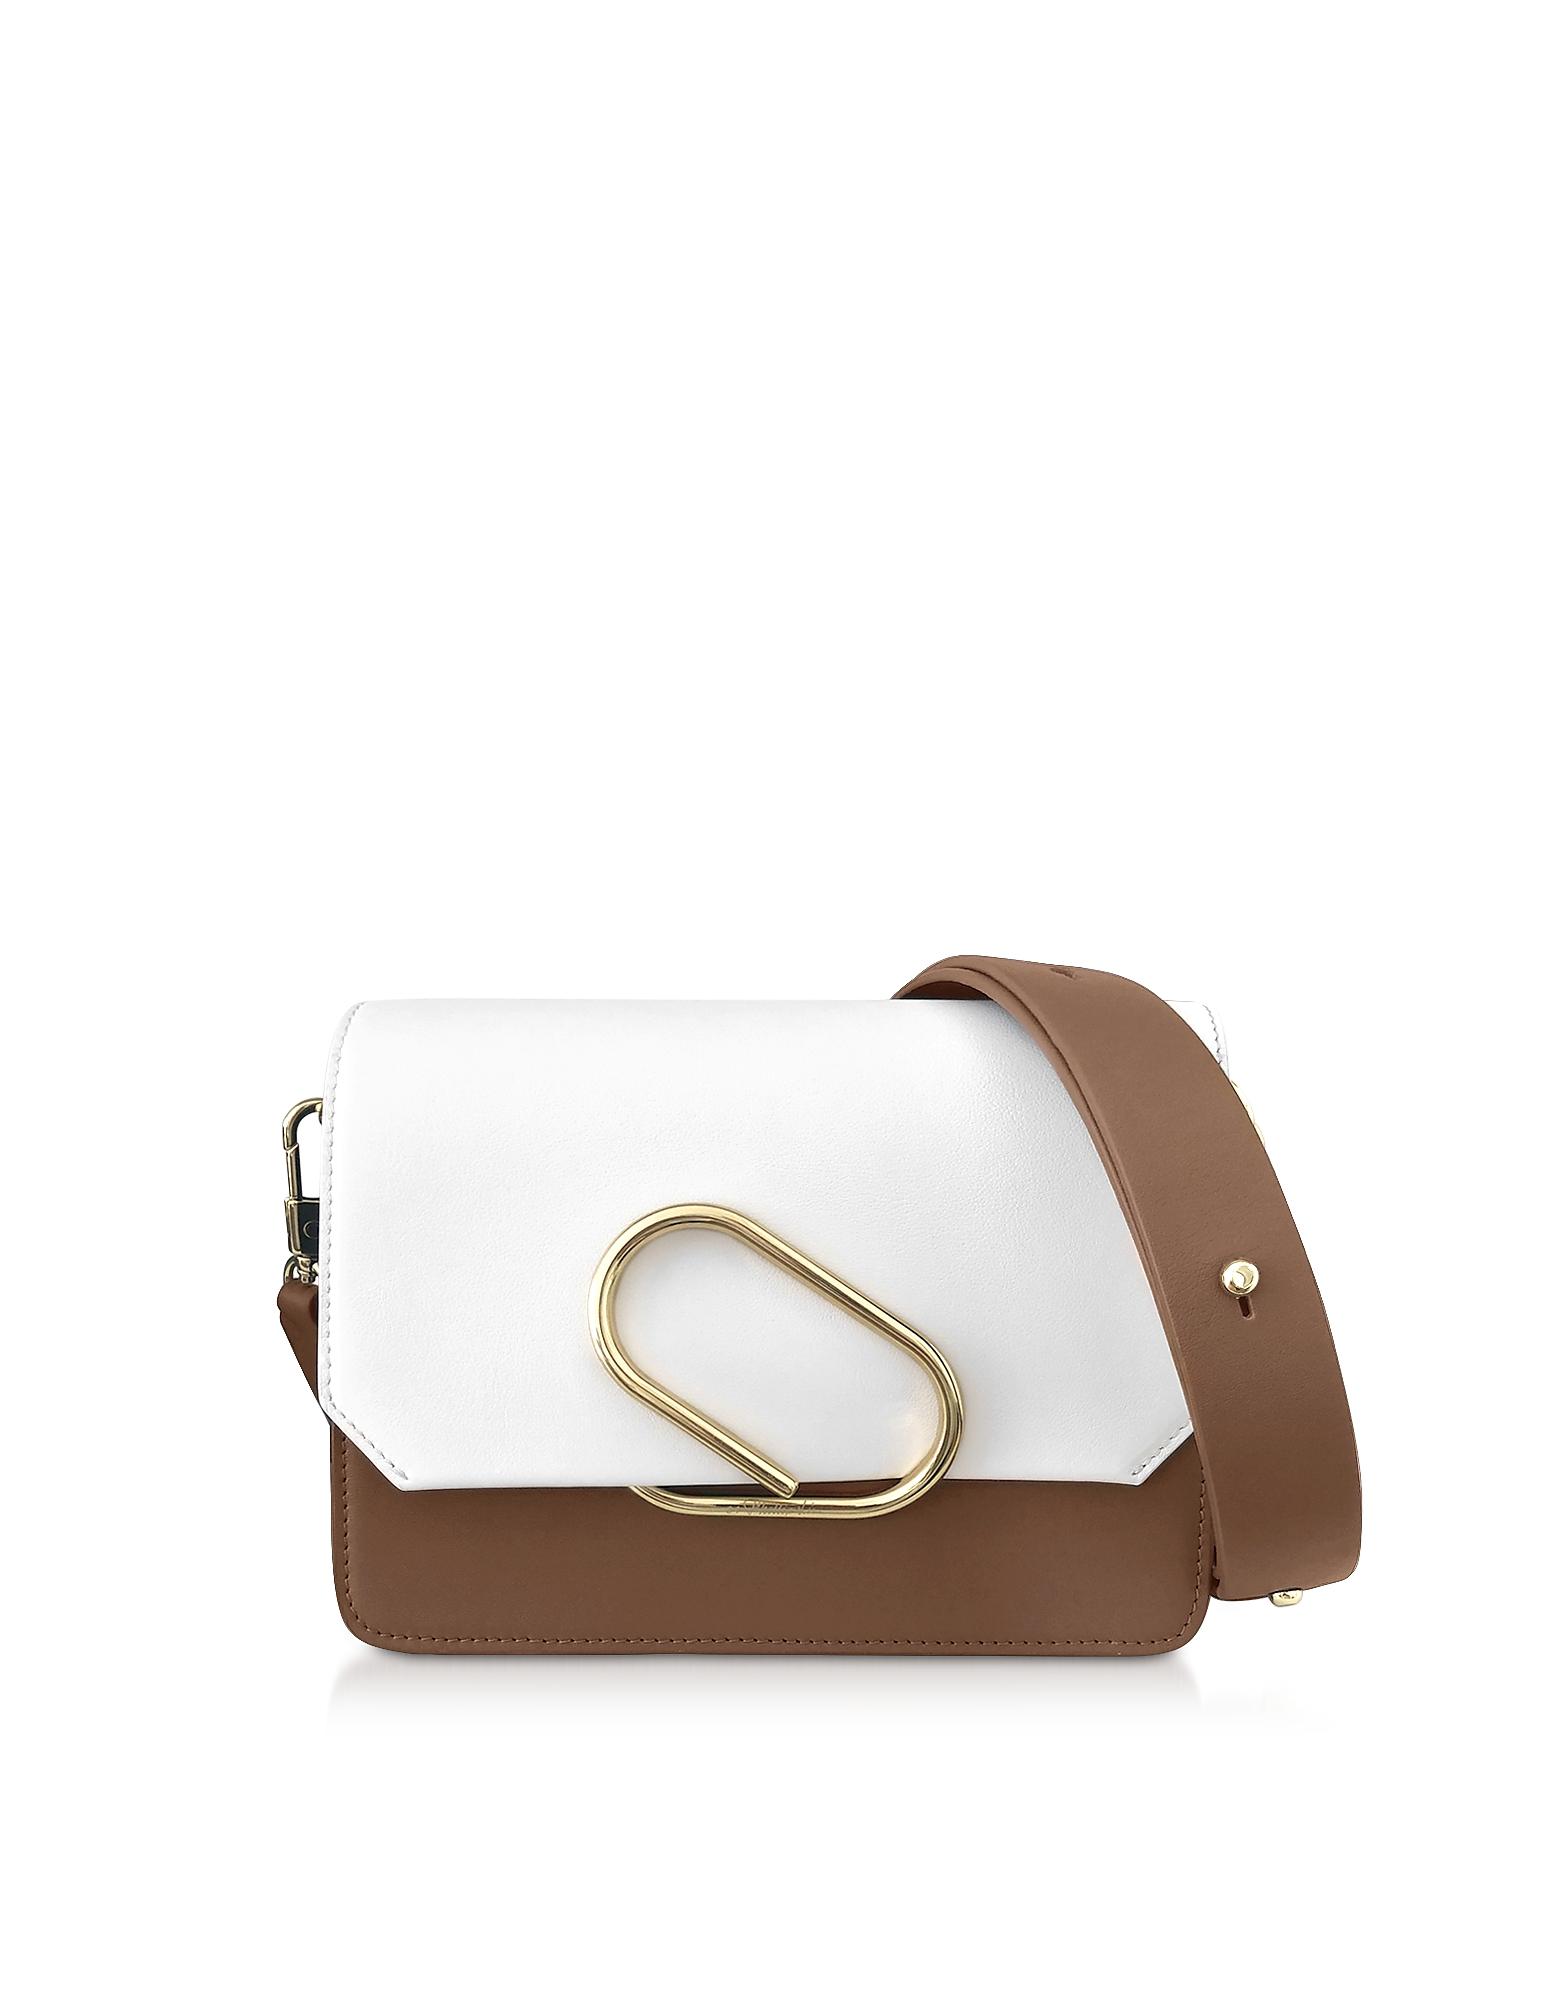 3.1 Phillip Lim  Handbags Alix Mini Shoulder Bag